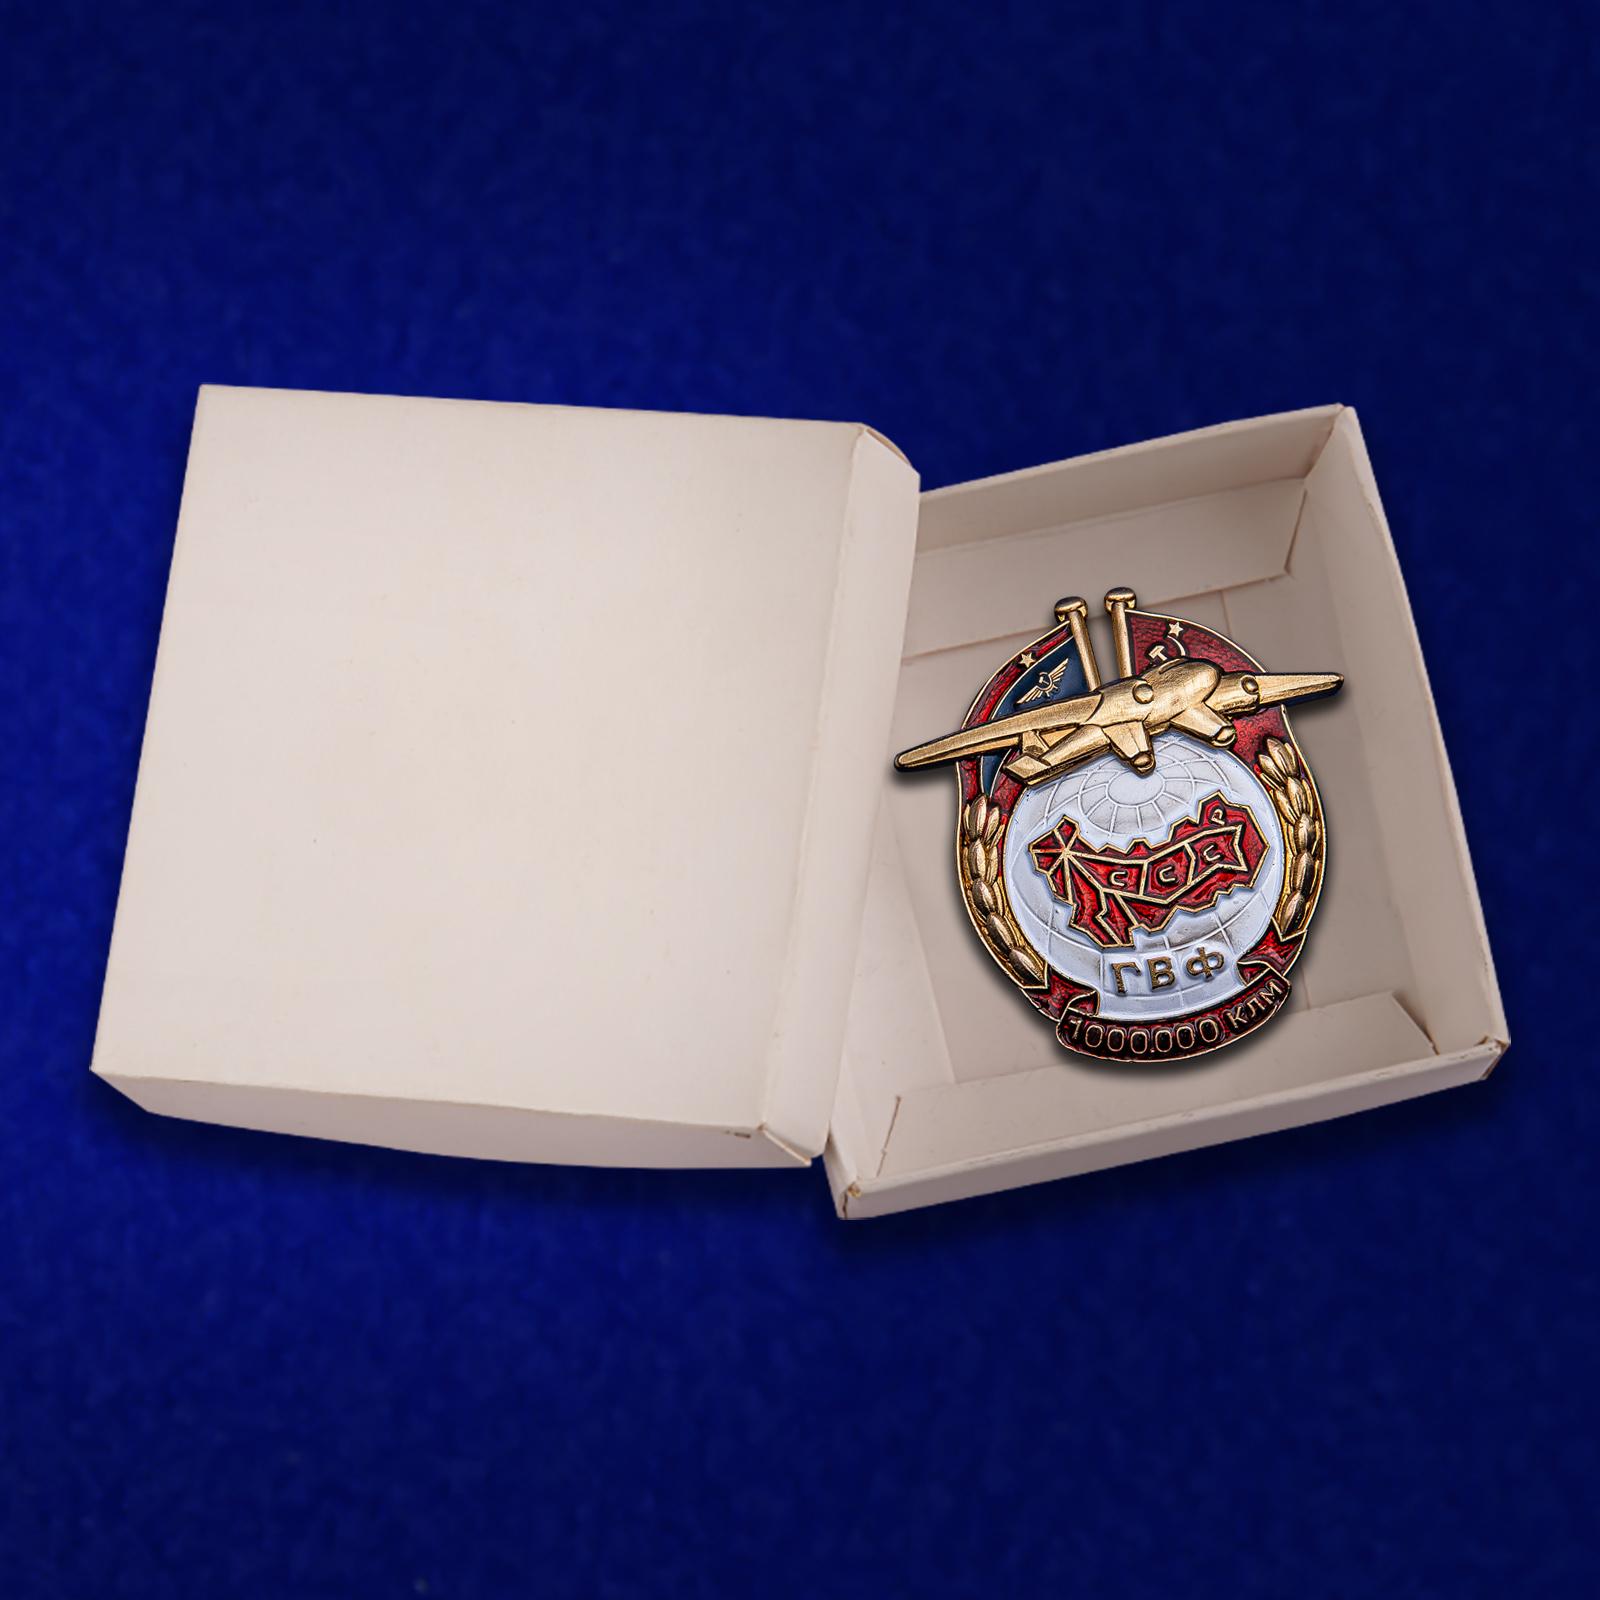 Знак ГВФ За налет 1 000 000 клм (бронза) - с доставкой